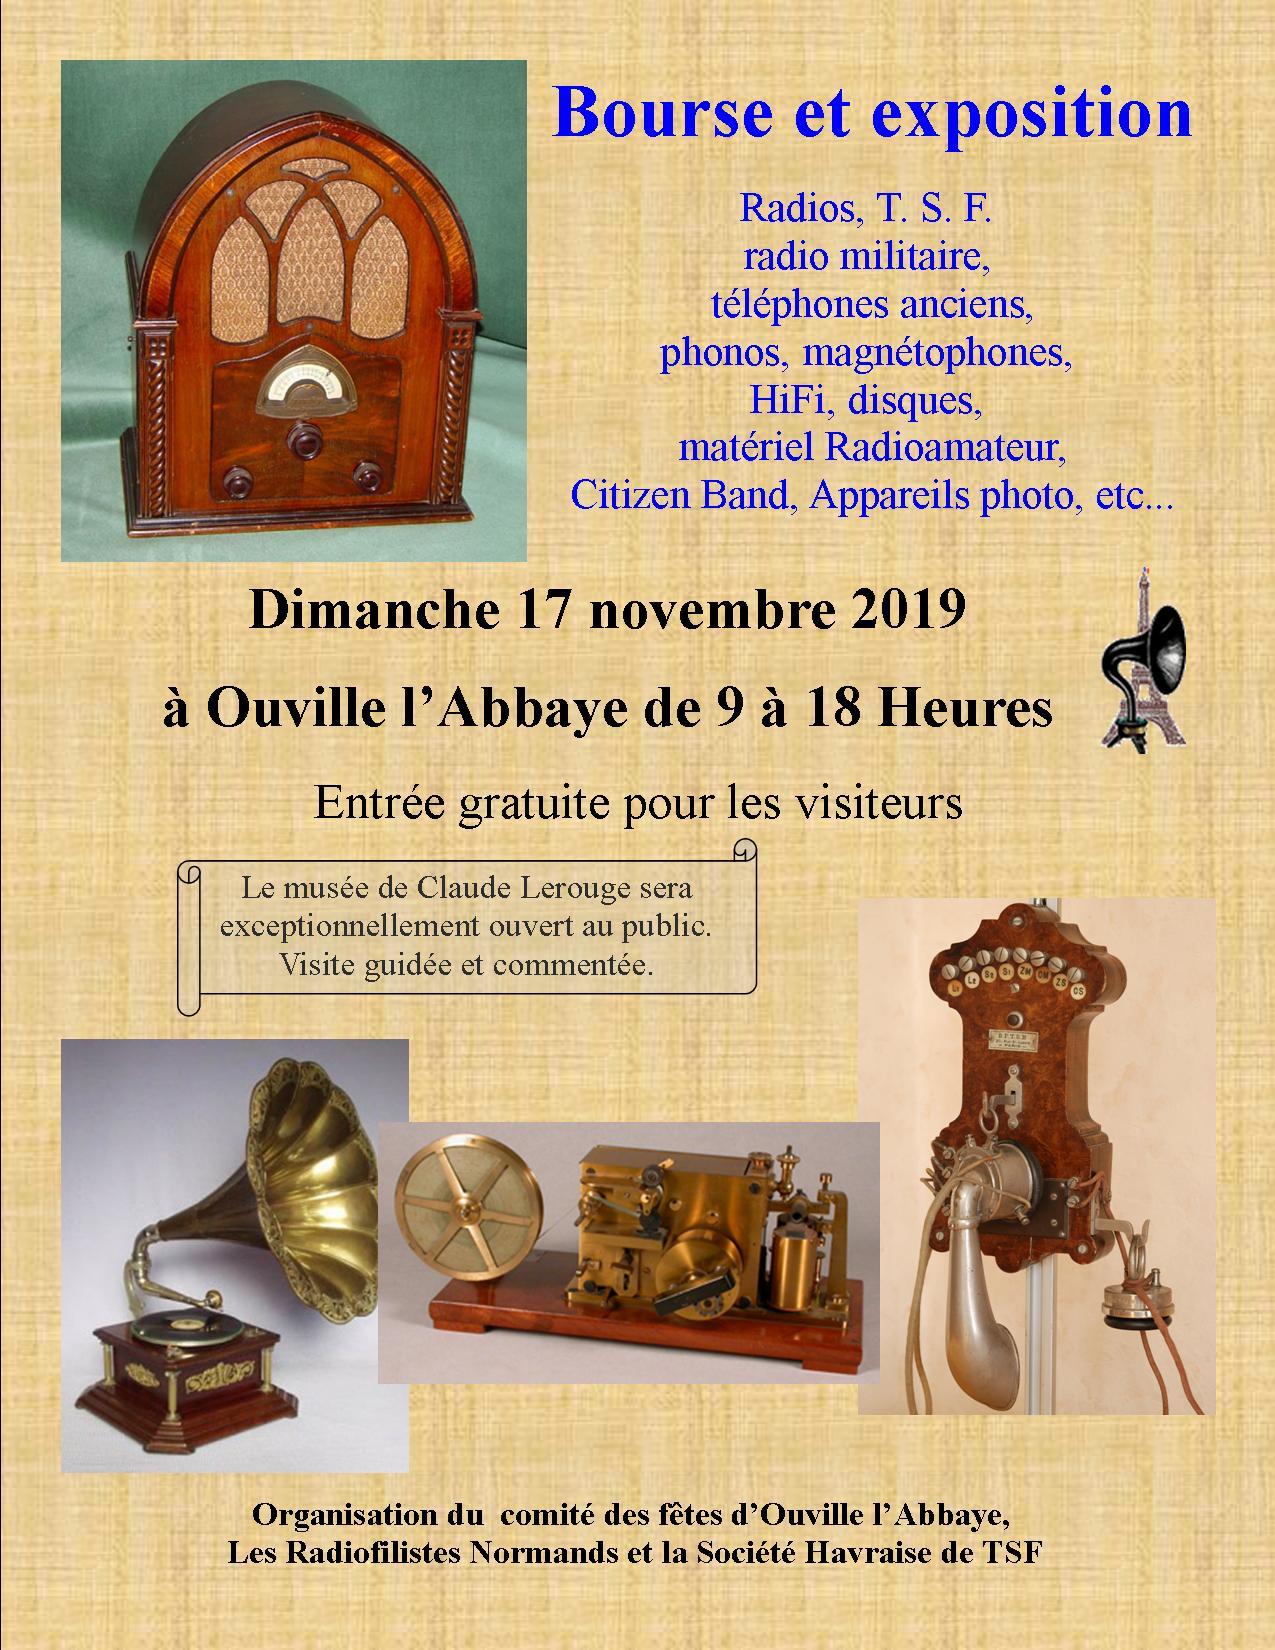 Bourse à Ouville l'Abbaye 17 novembre 2019